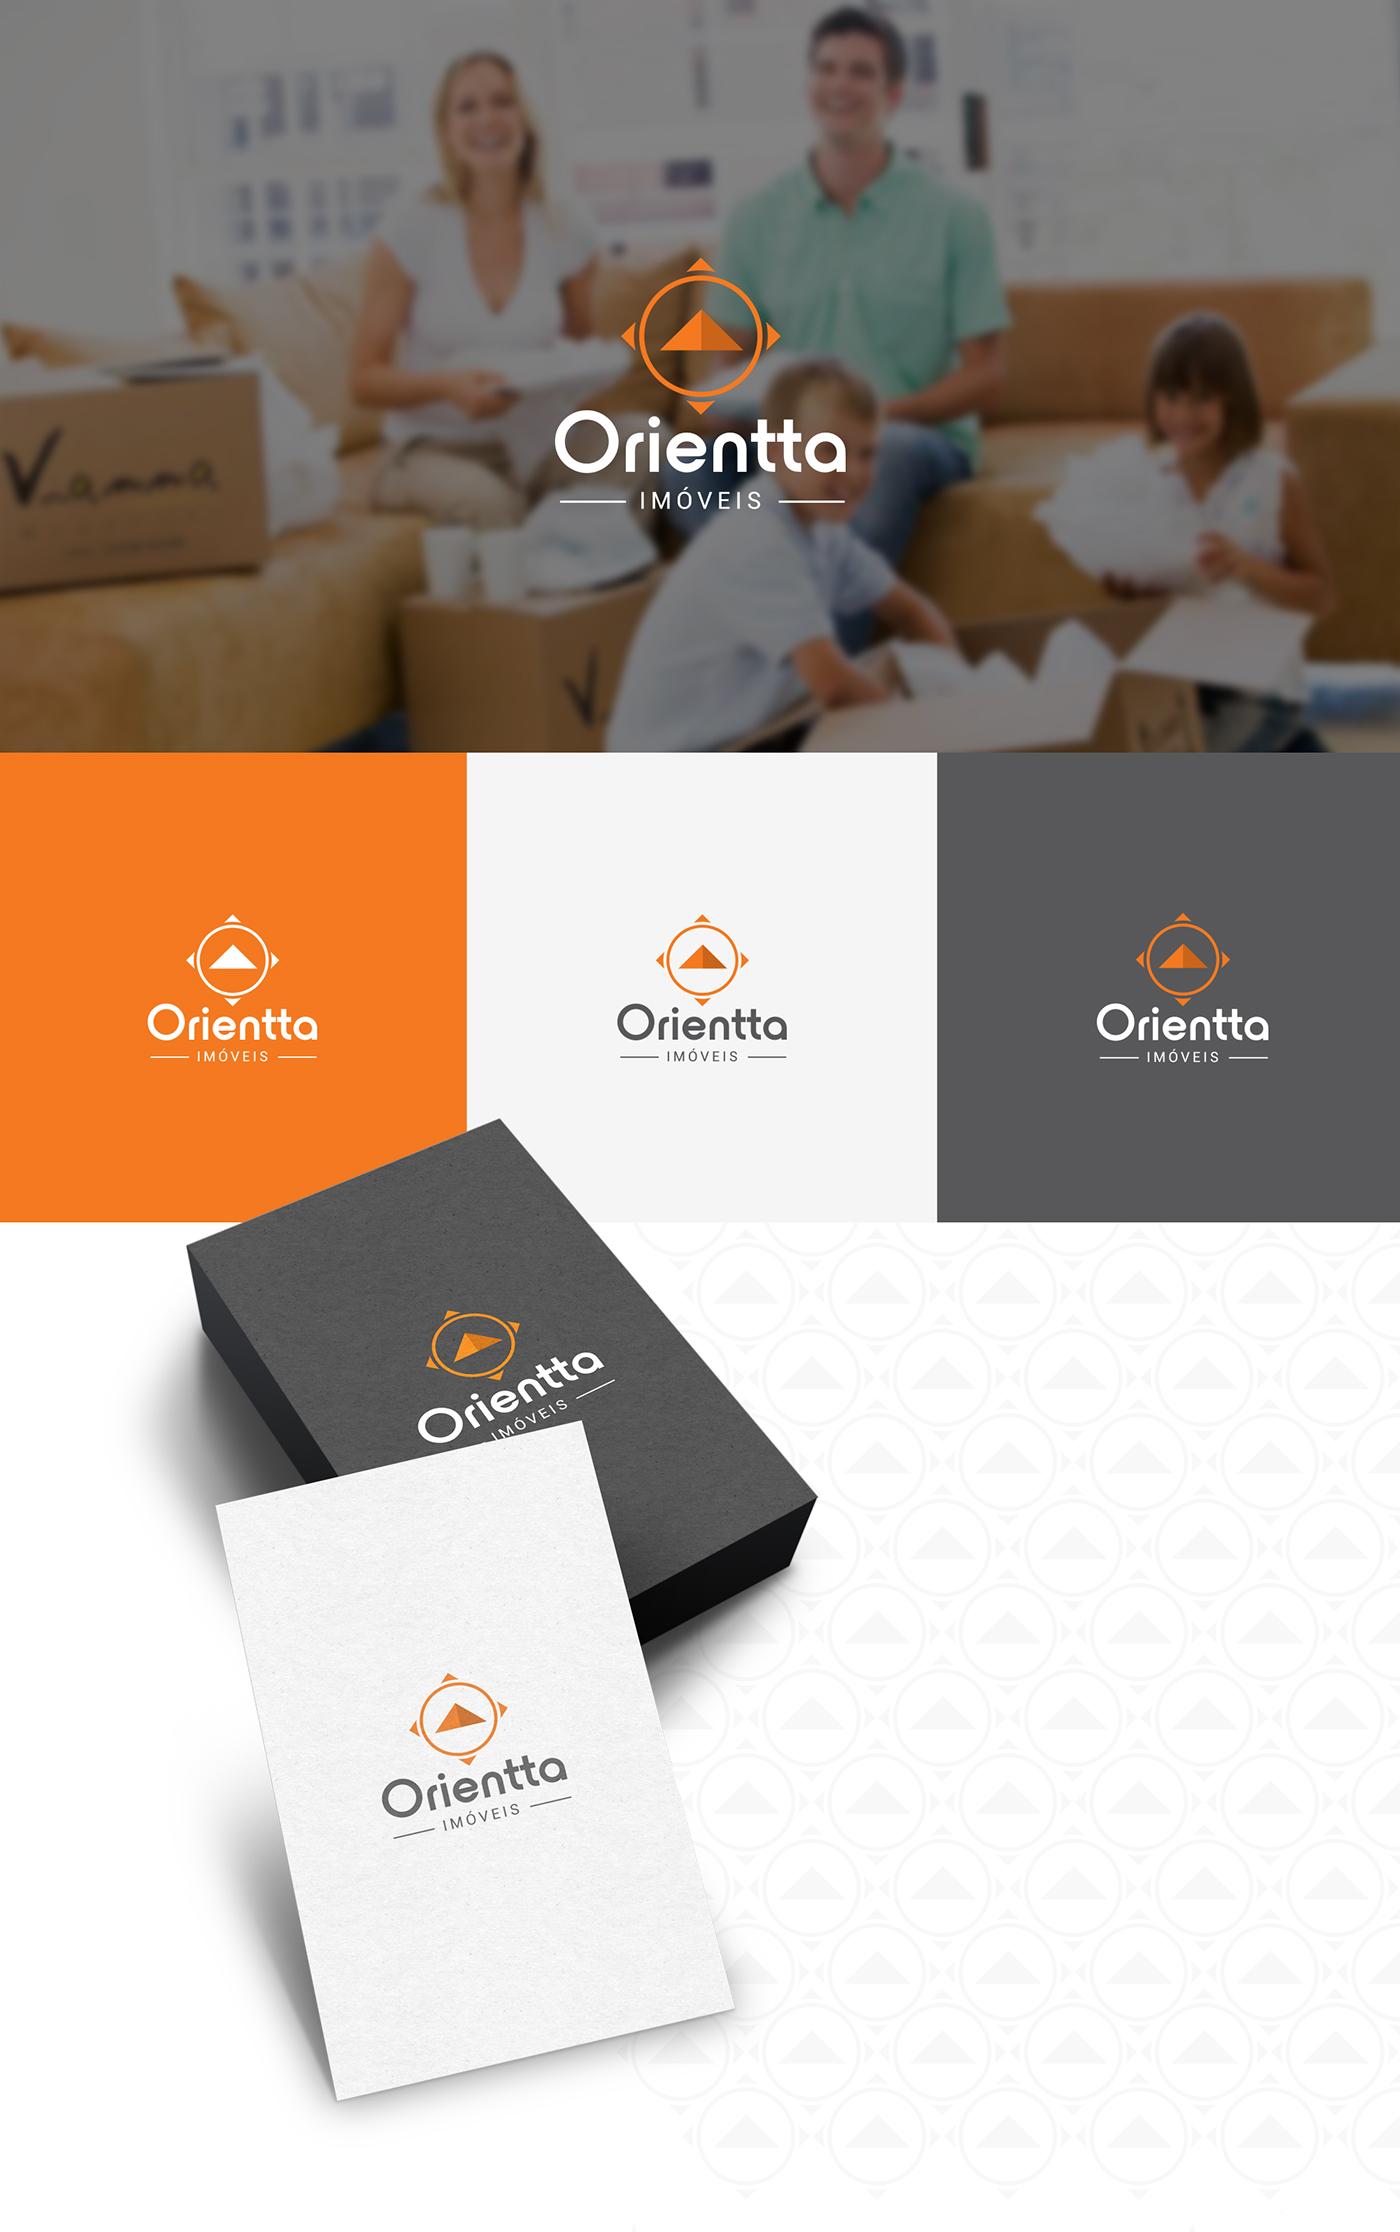 imobiliária orientação Bússola imóveis realestate brand logo orange compass